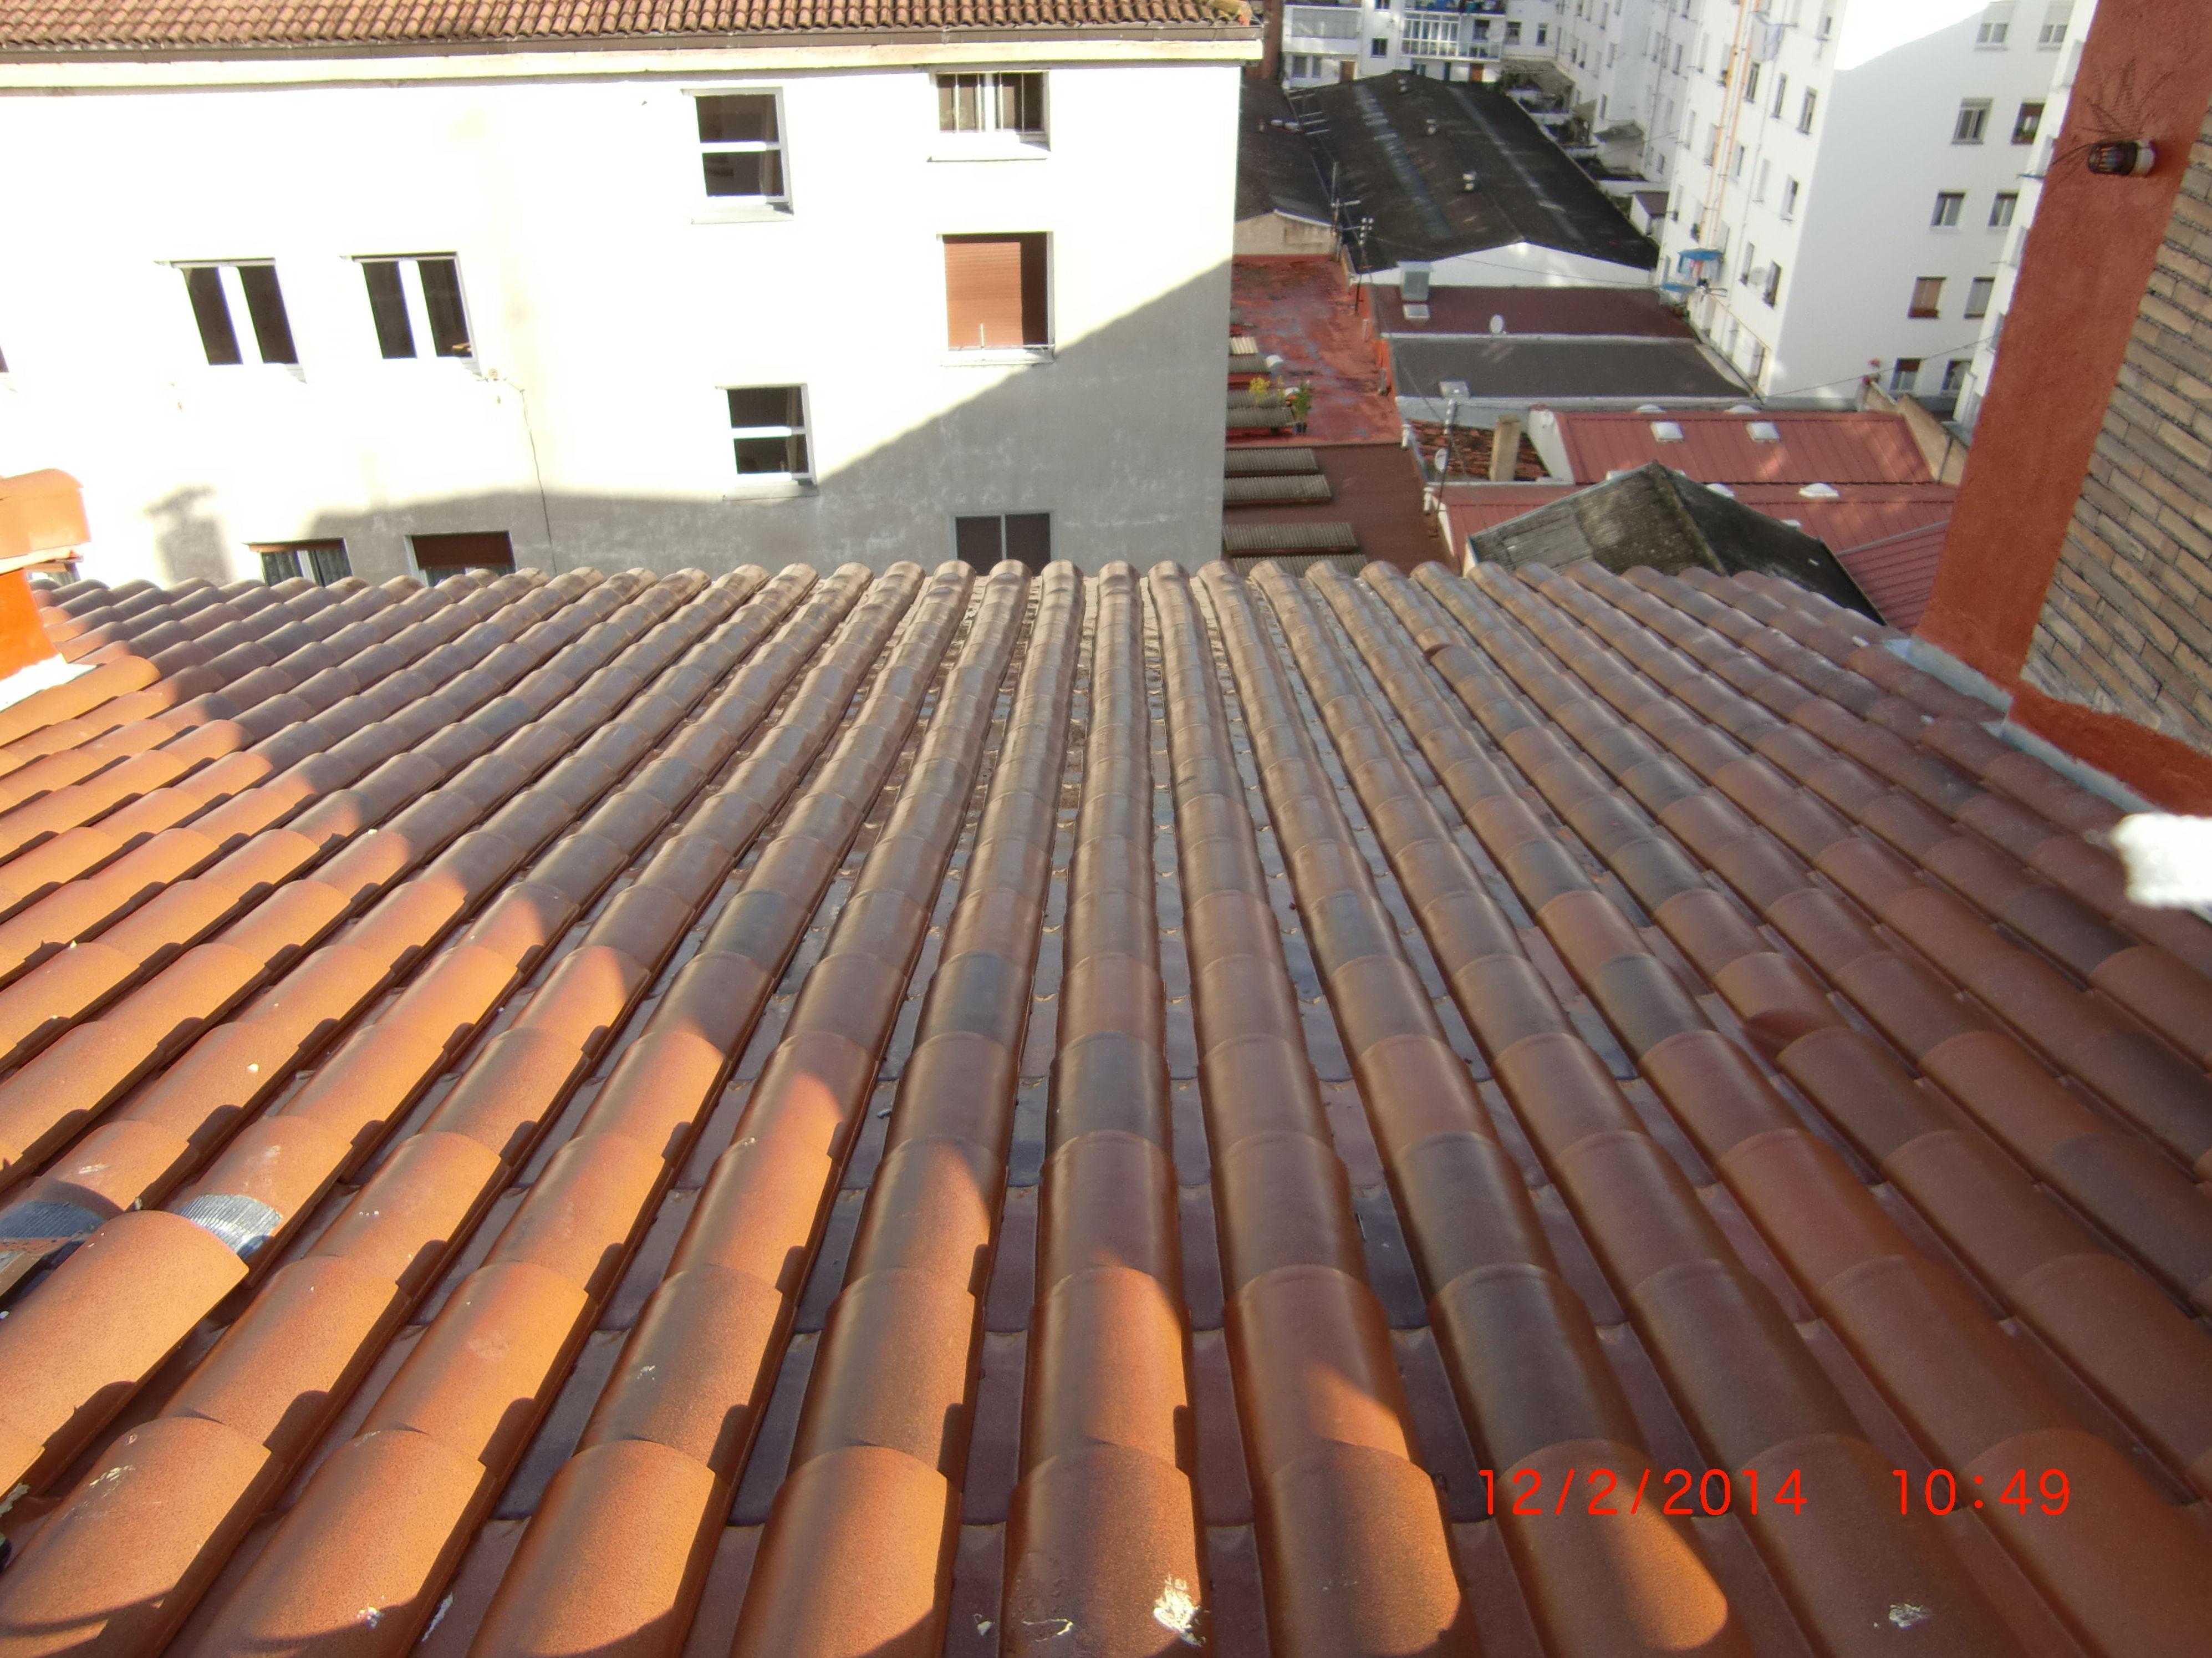 Rehabilitación de tejado en la calle Badaya, 22 Vitoria-Gasteiz